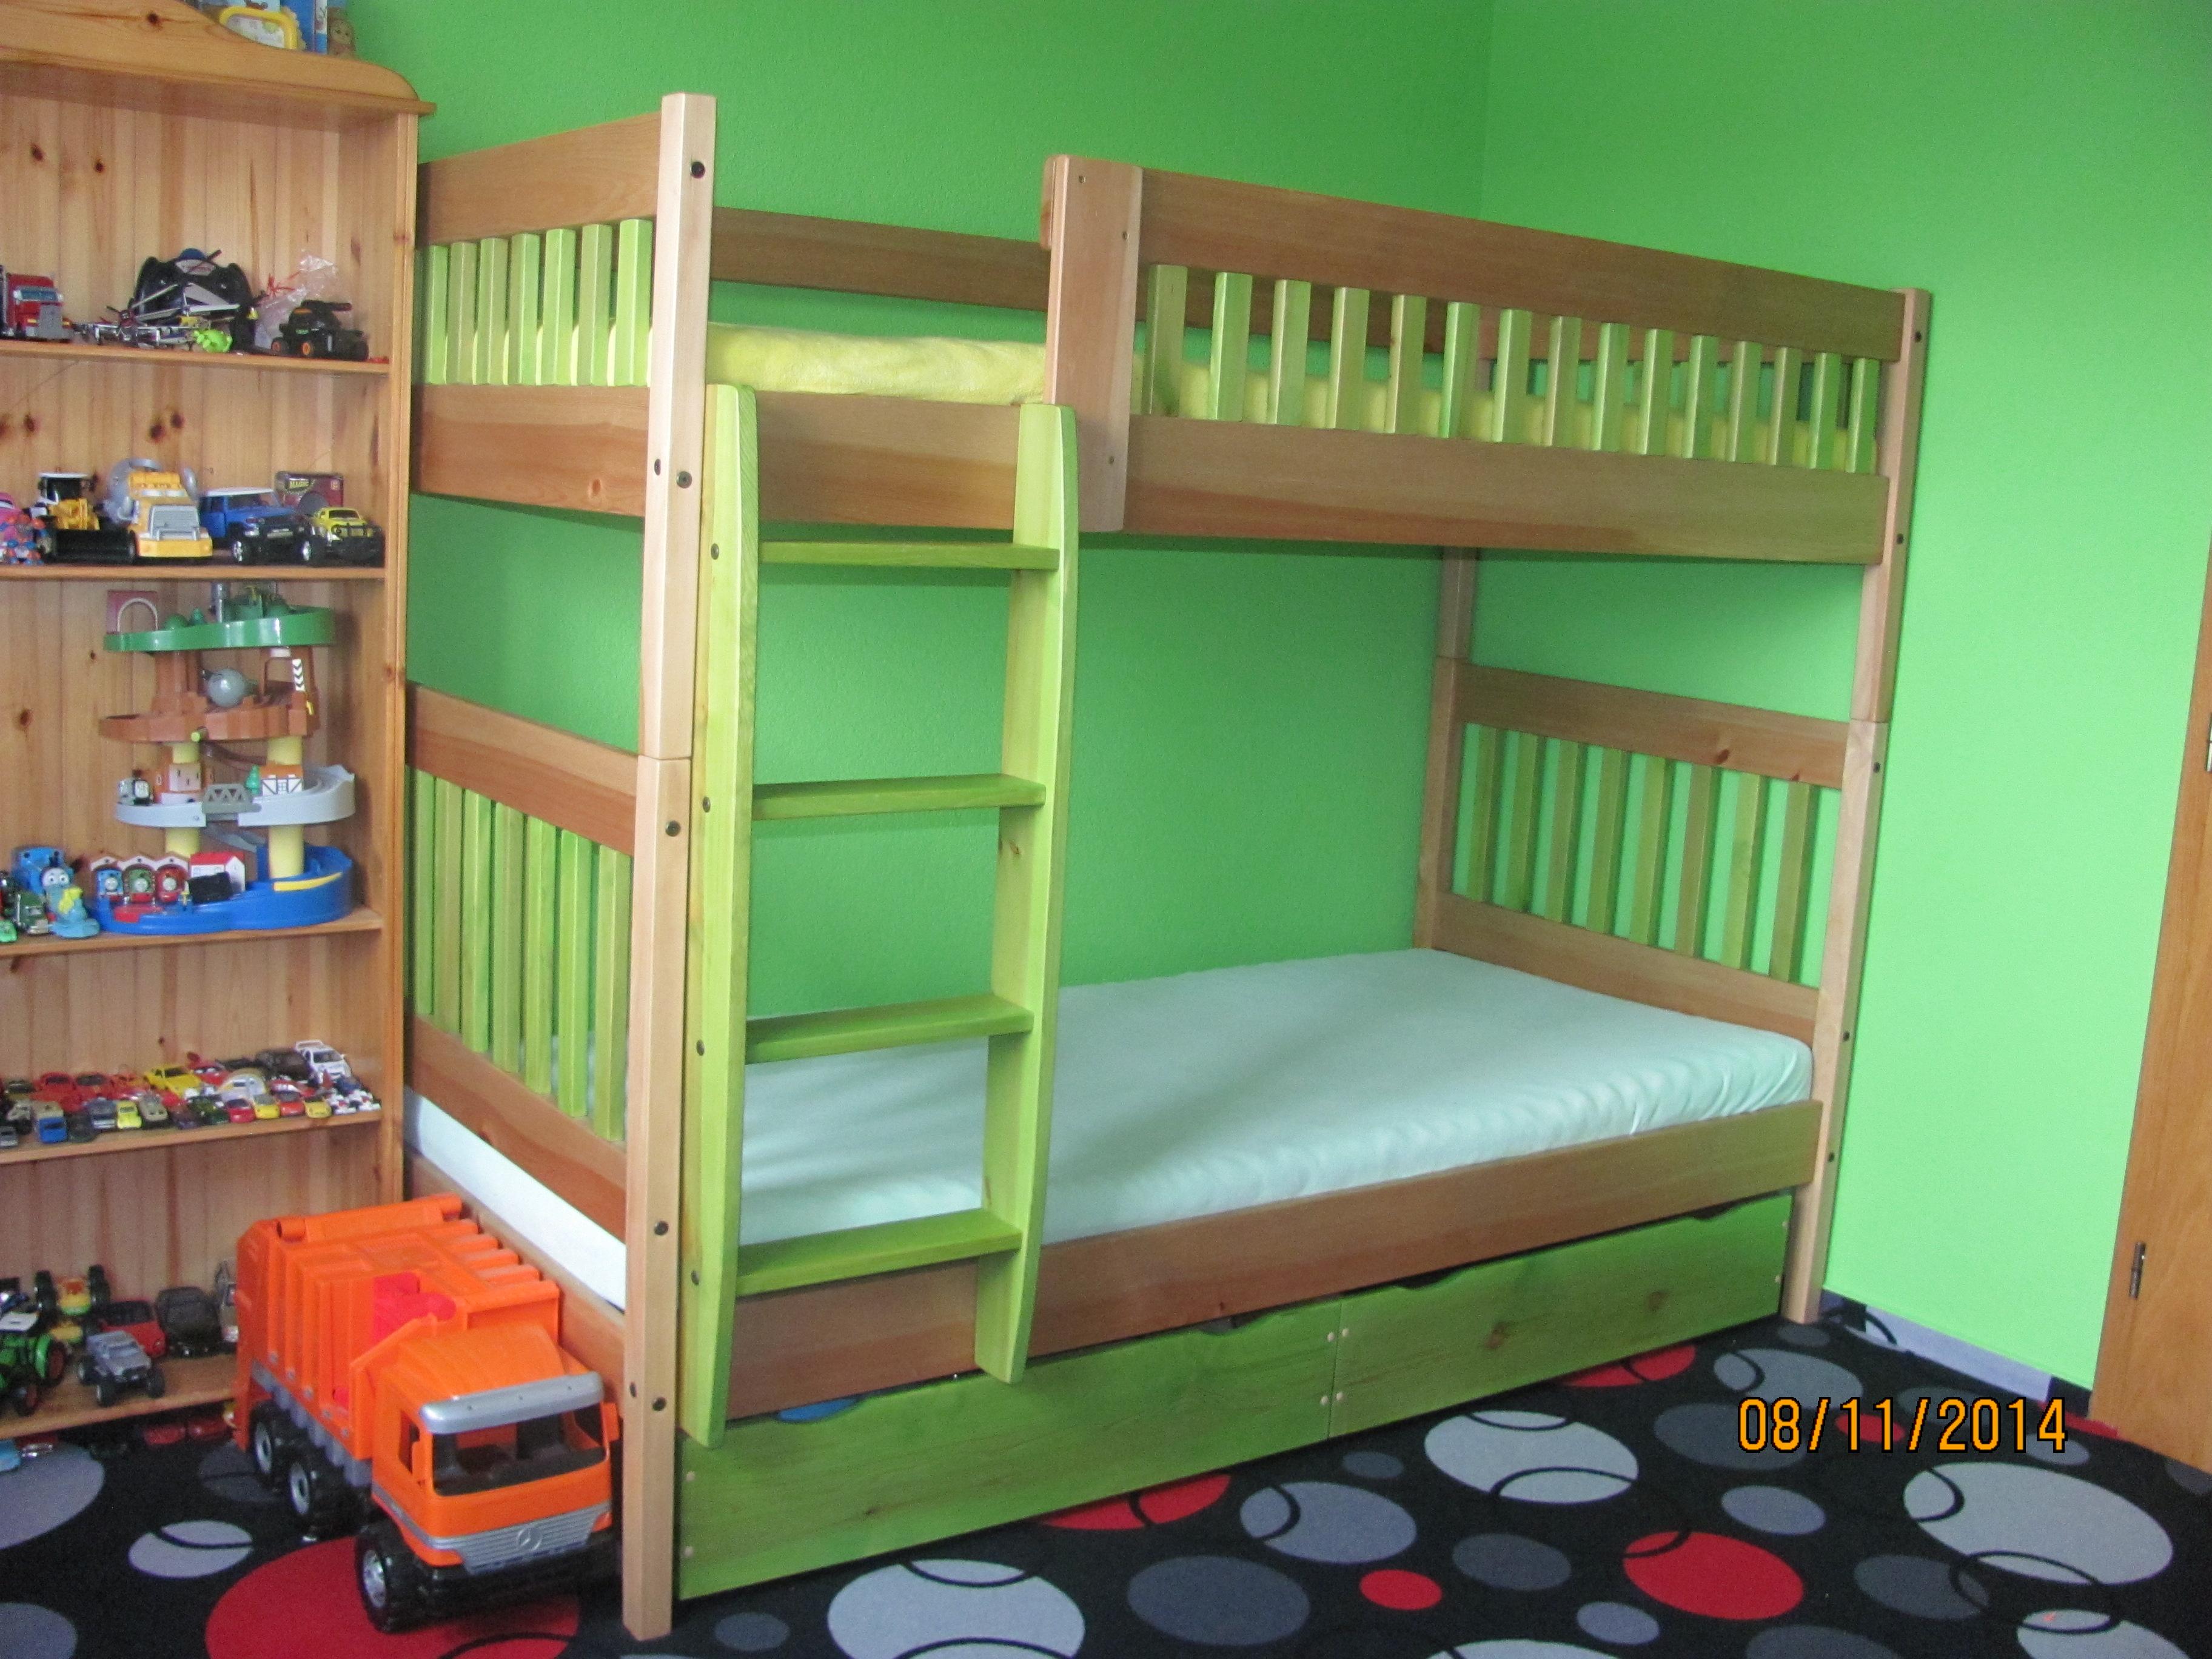 Palanda Daniel do klučičího pokoje v kombinaci zelenožlutá a buk